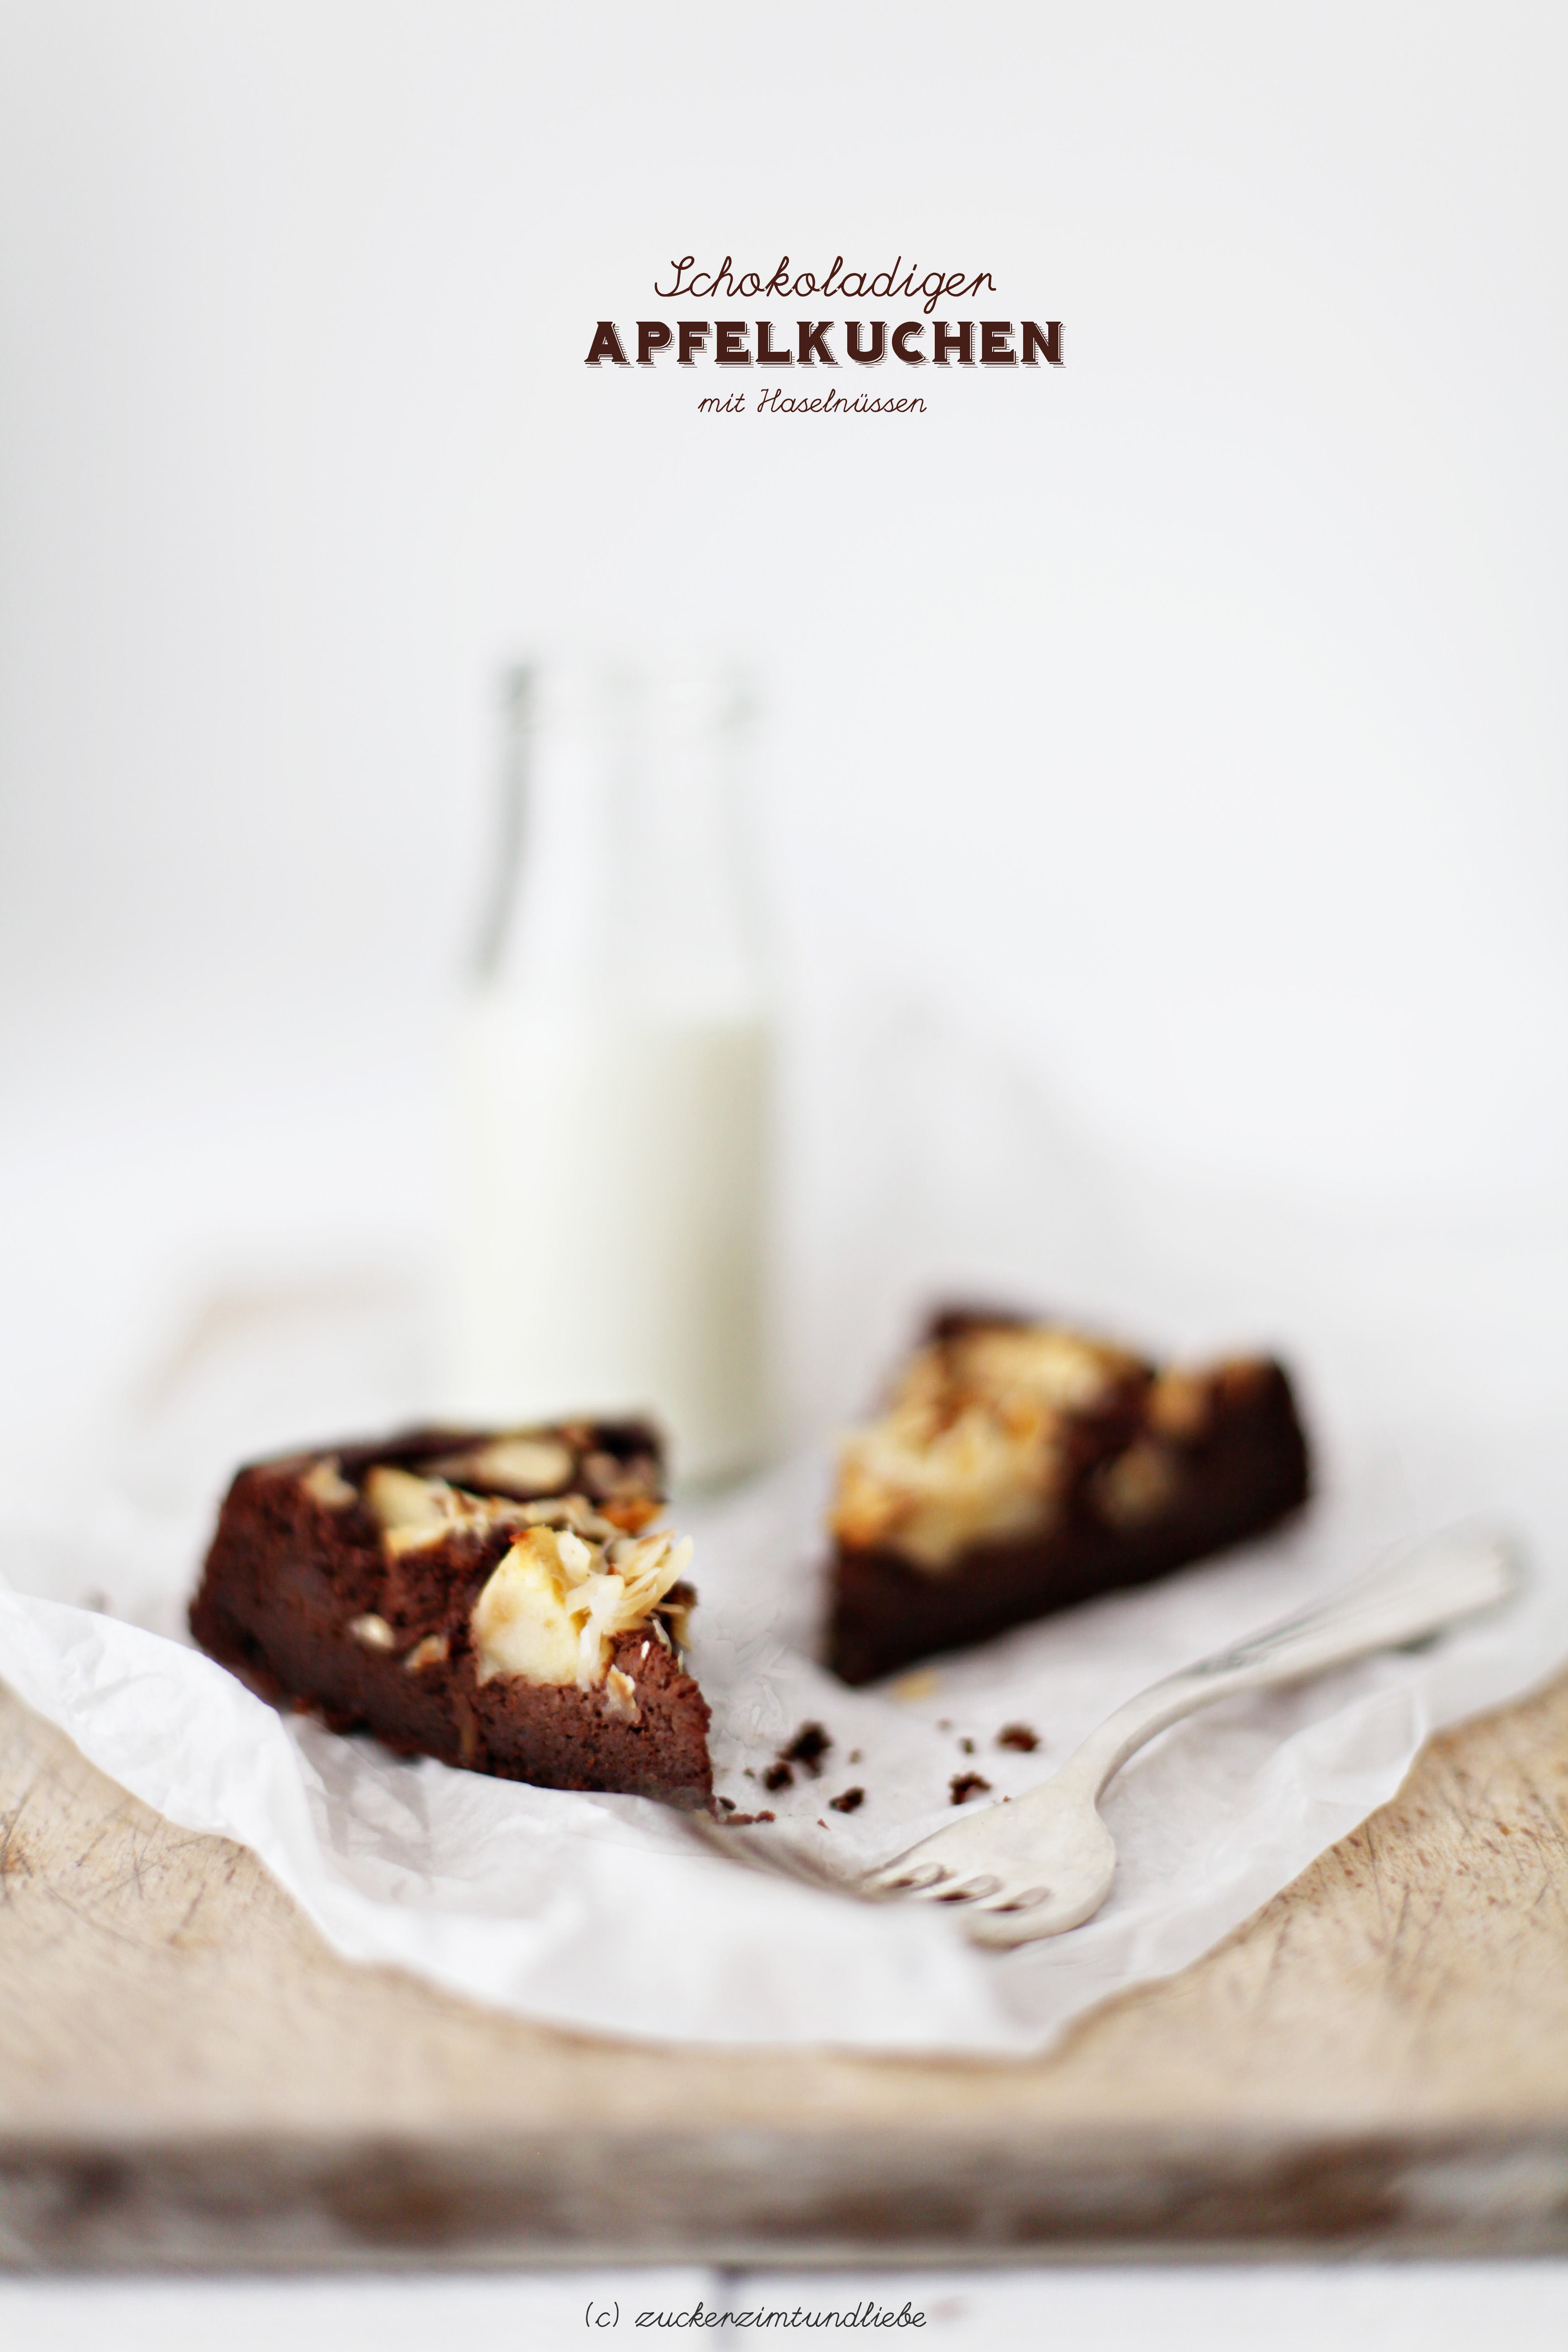 Grandioser Schokoladen Apfelkuchen Mit Haselnussen Zucker Zimt